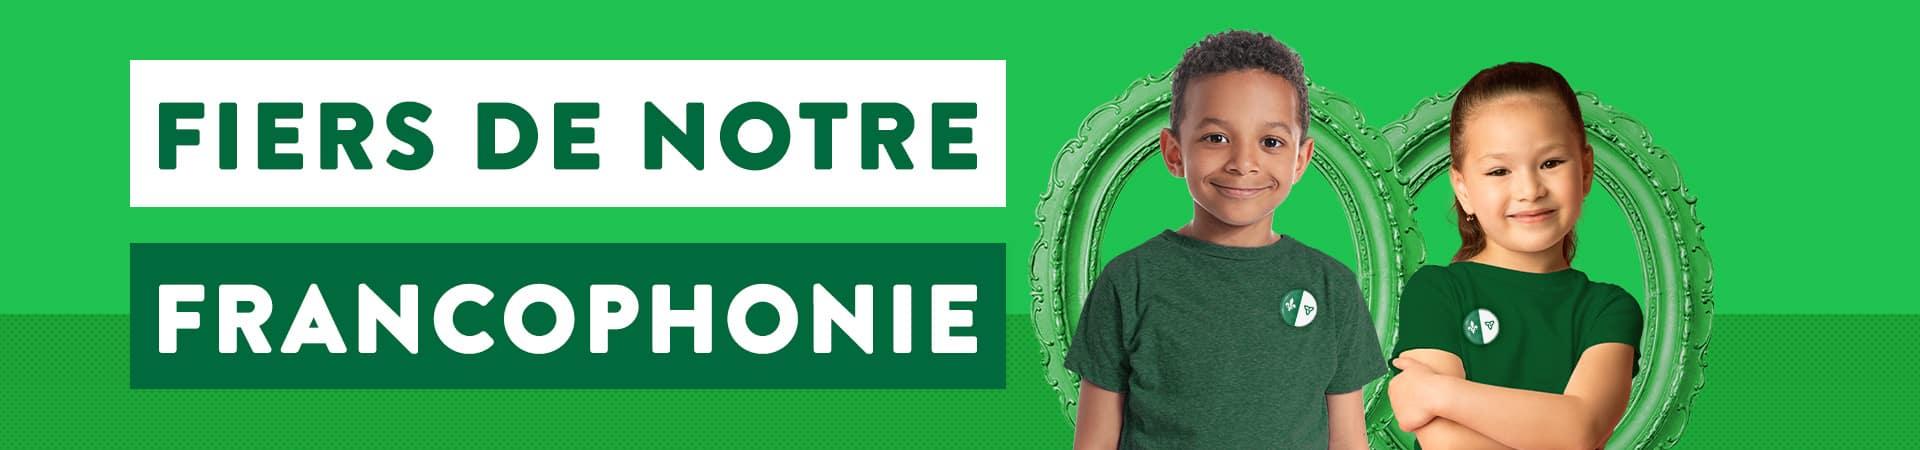 Fiers de notre école francophone